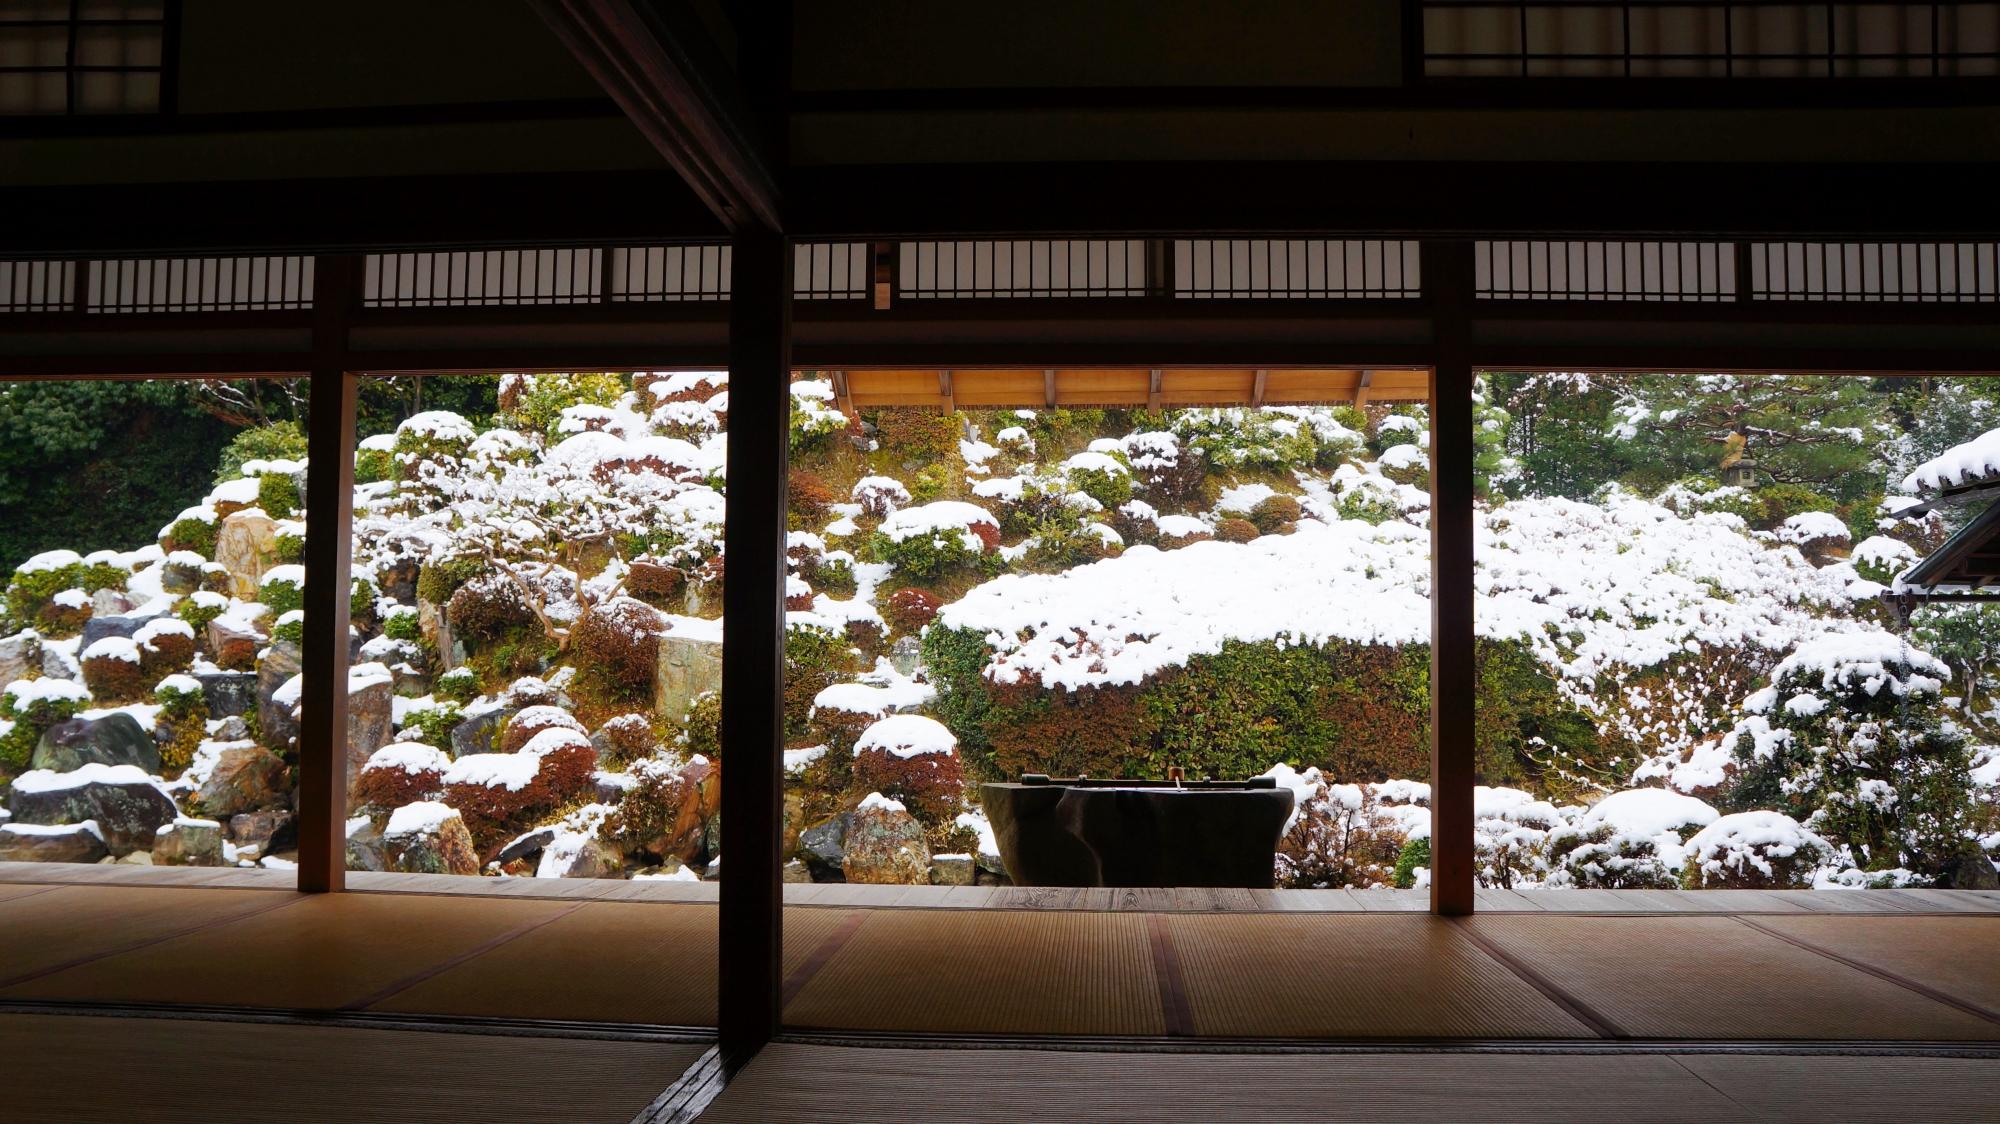 智積院の名勝庭園の雪景色